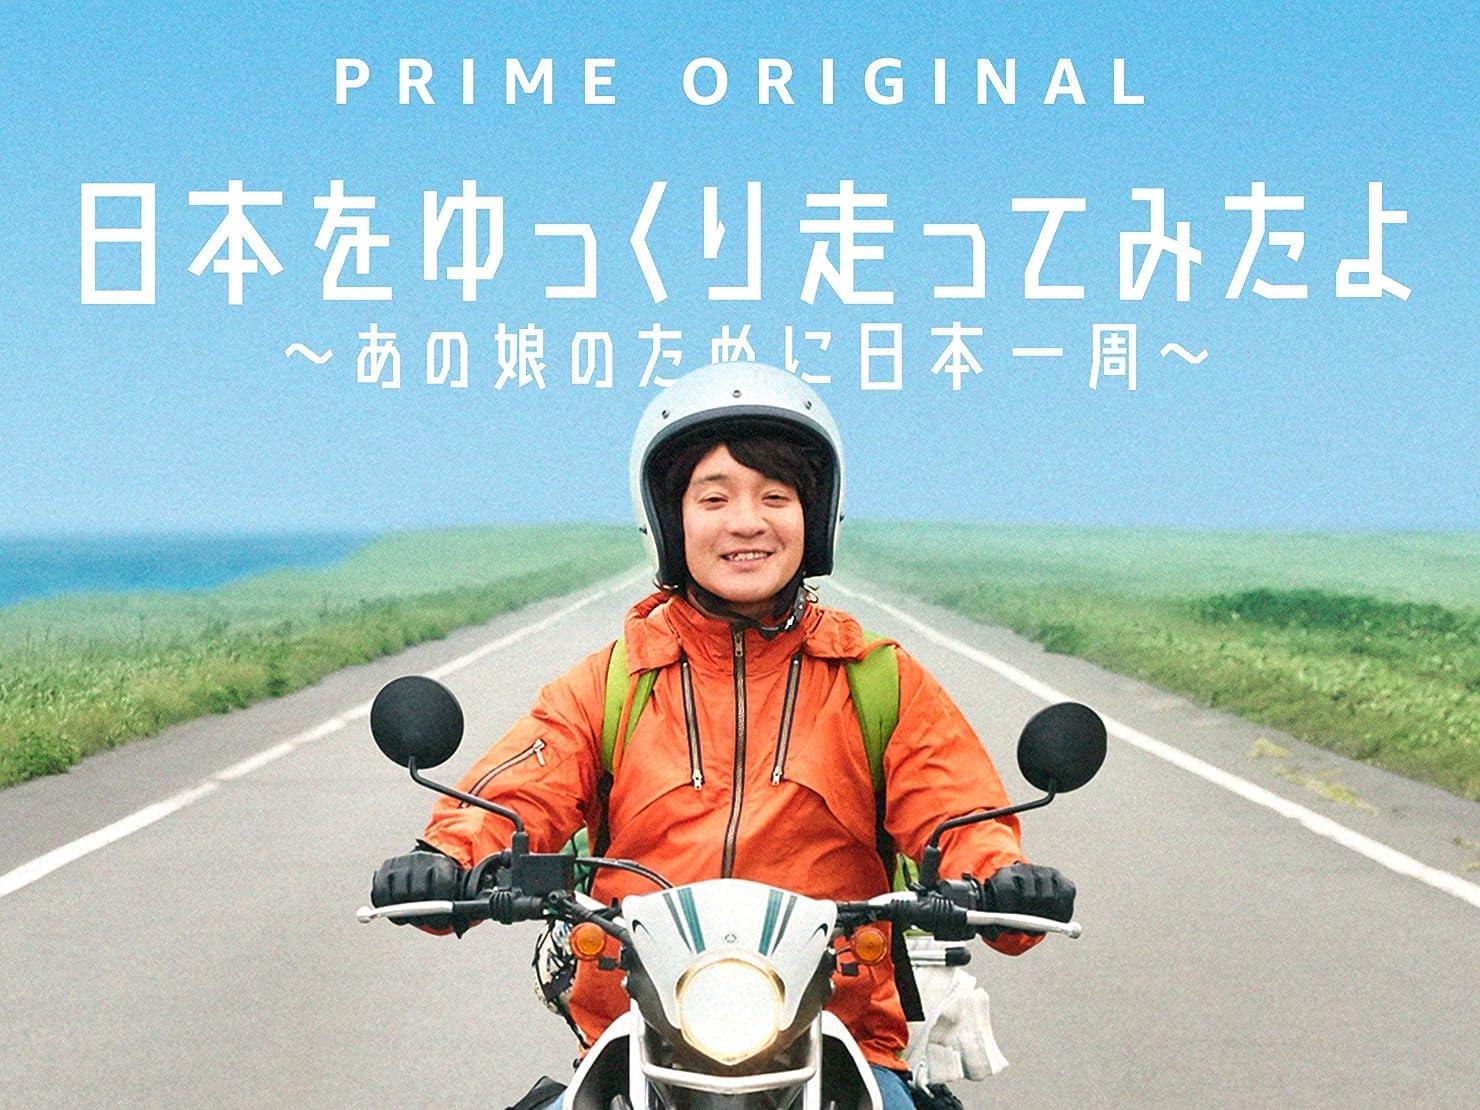 センサー否定するバリー日本をゆっくり走ってみたよ ~あの娘のために日本一周~(4K UHD)